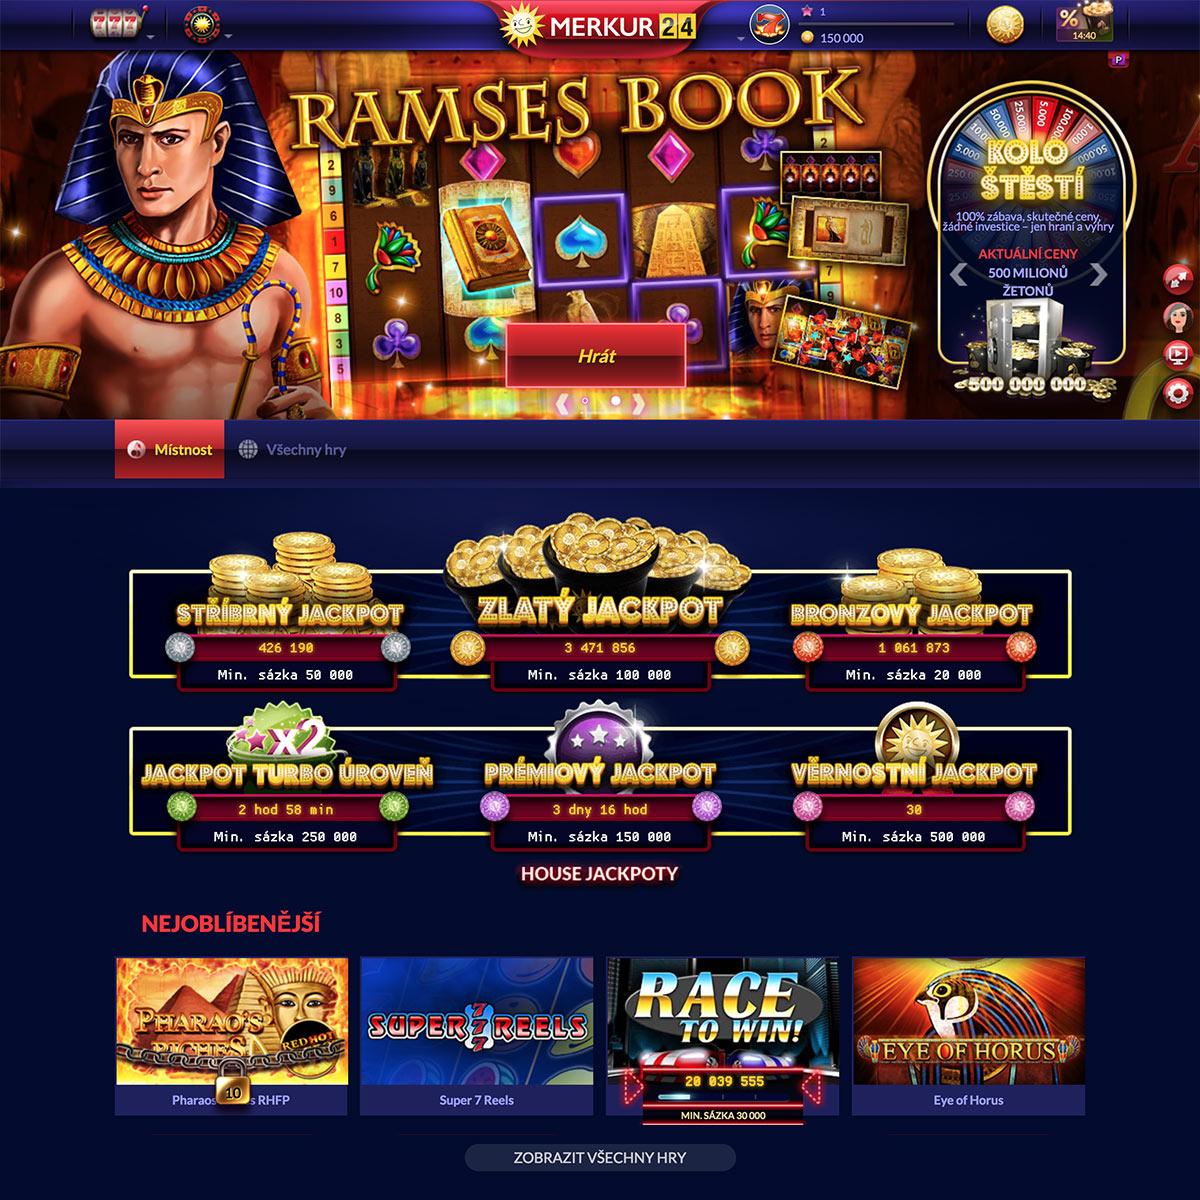 """Pojďte si vyzkoušet online hru jako v pravém kasínu. Každý, koho kdy lákalo podívat se do pravého kasína, teď česká """"exkurze"""" po nejznámějších a nejoblíbenějších hrách."""